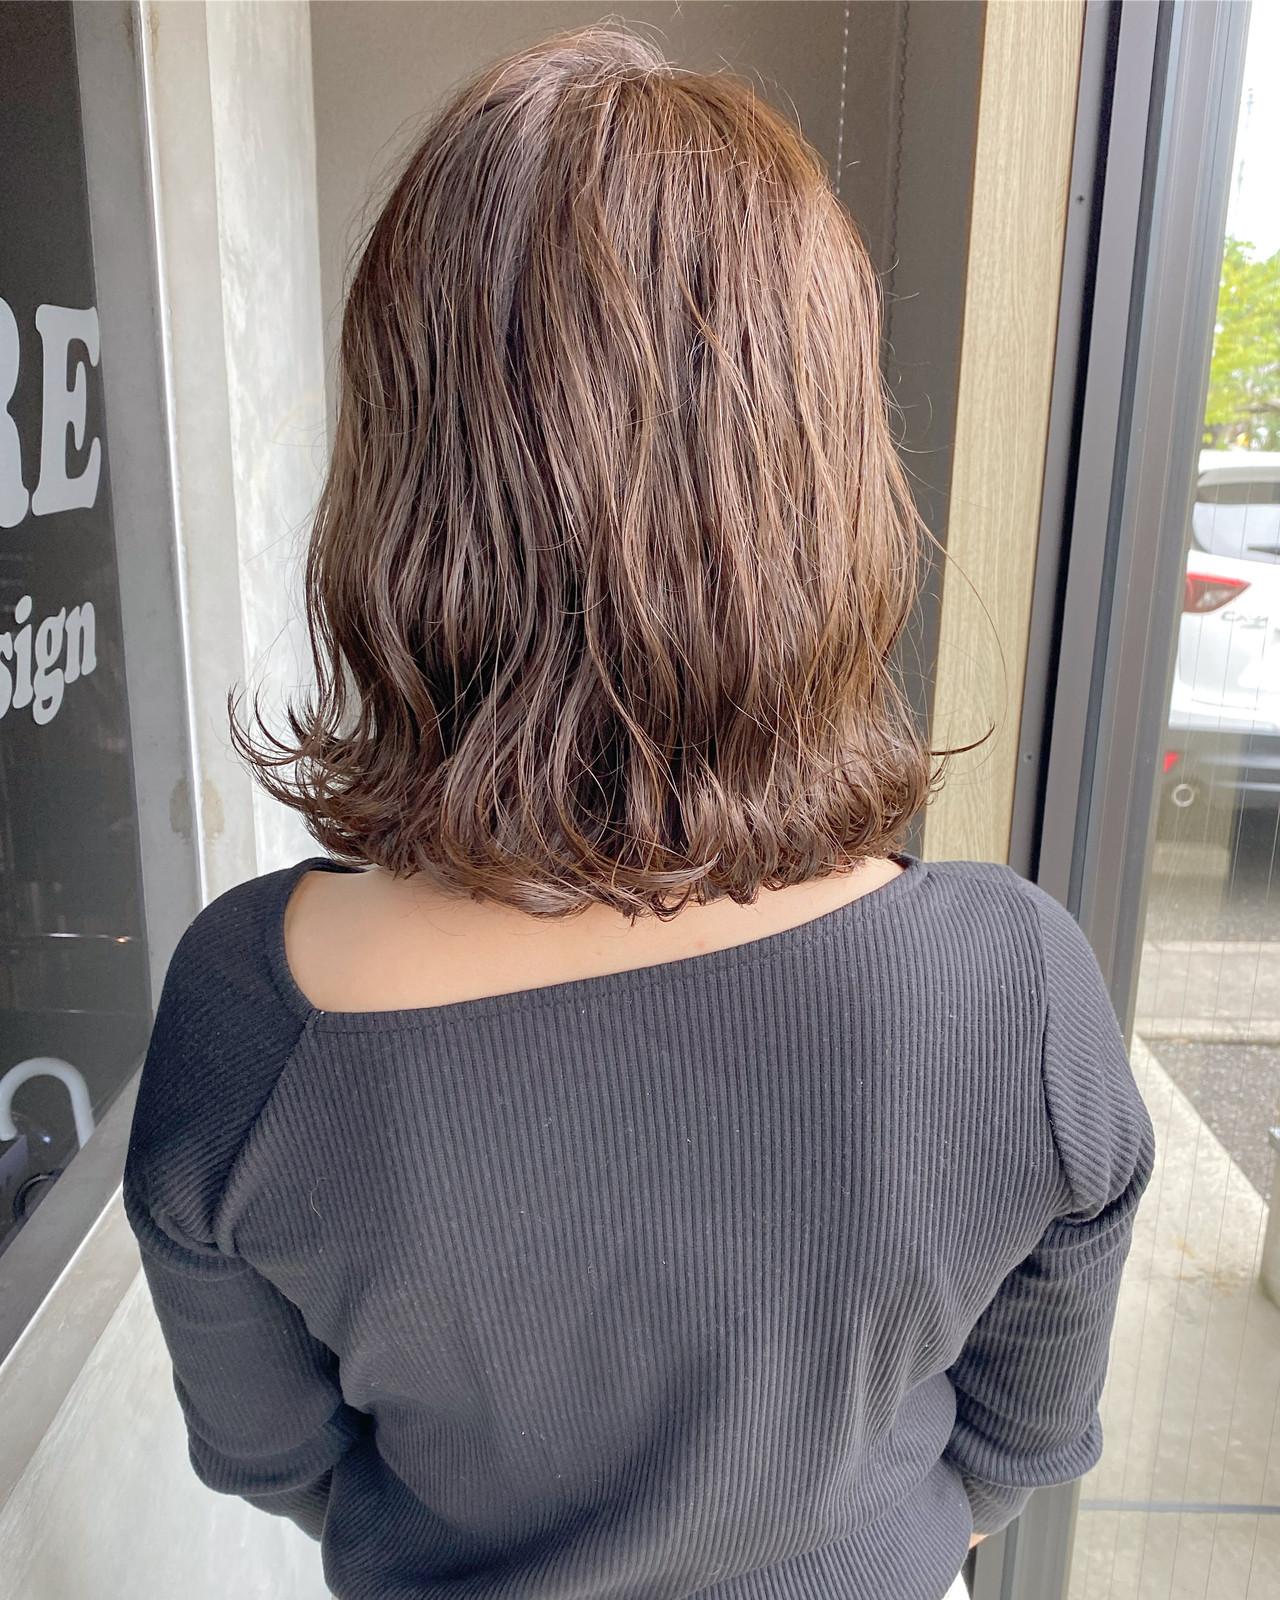 切りっぱなしボブ コテ巻き ナチュラルブラウンカラー ブラウンベージュヘアスタイルや髪型の写真・画像